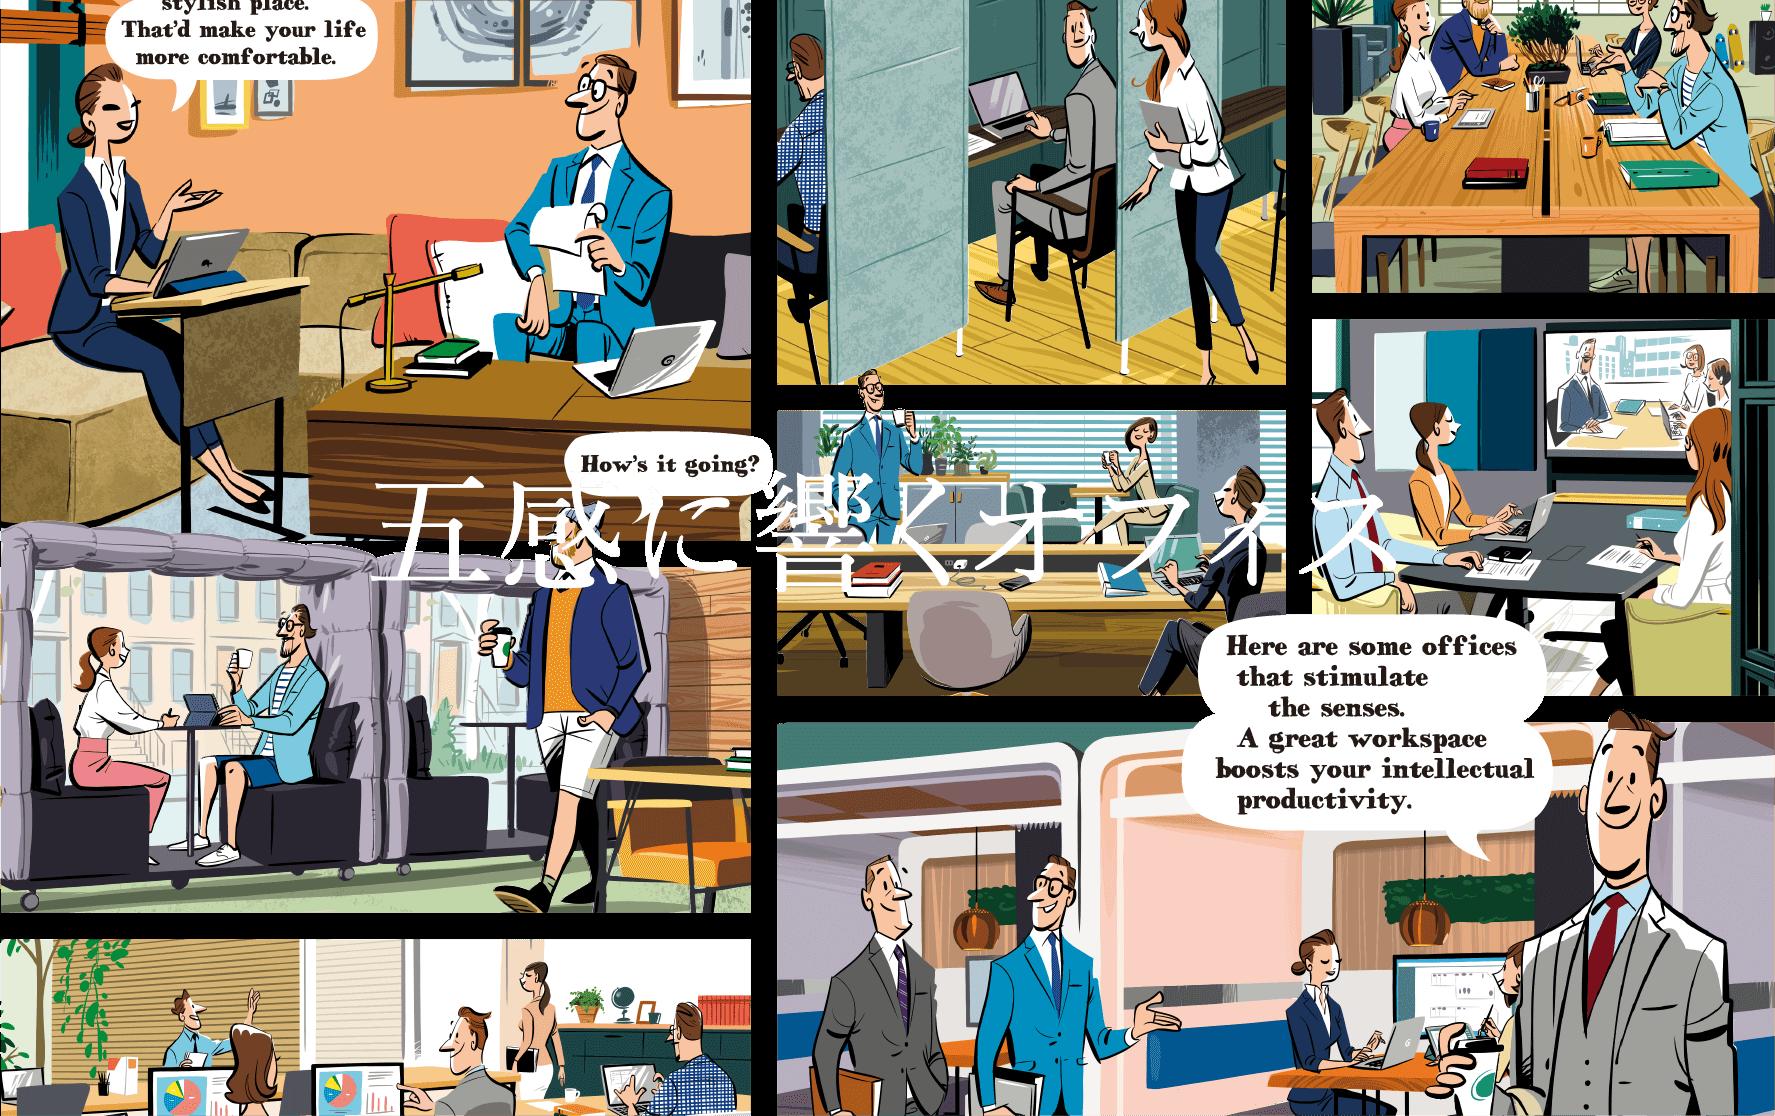 五感に響くオフィス